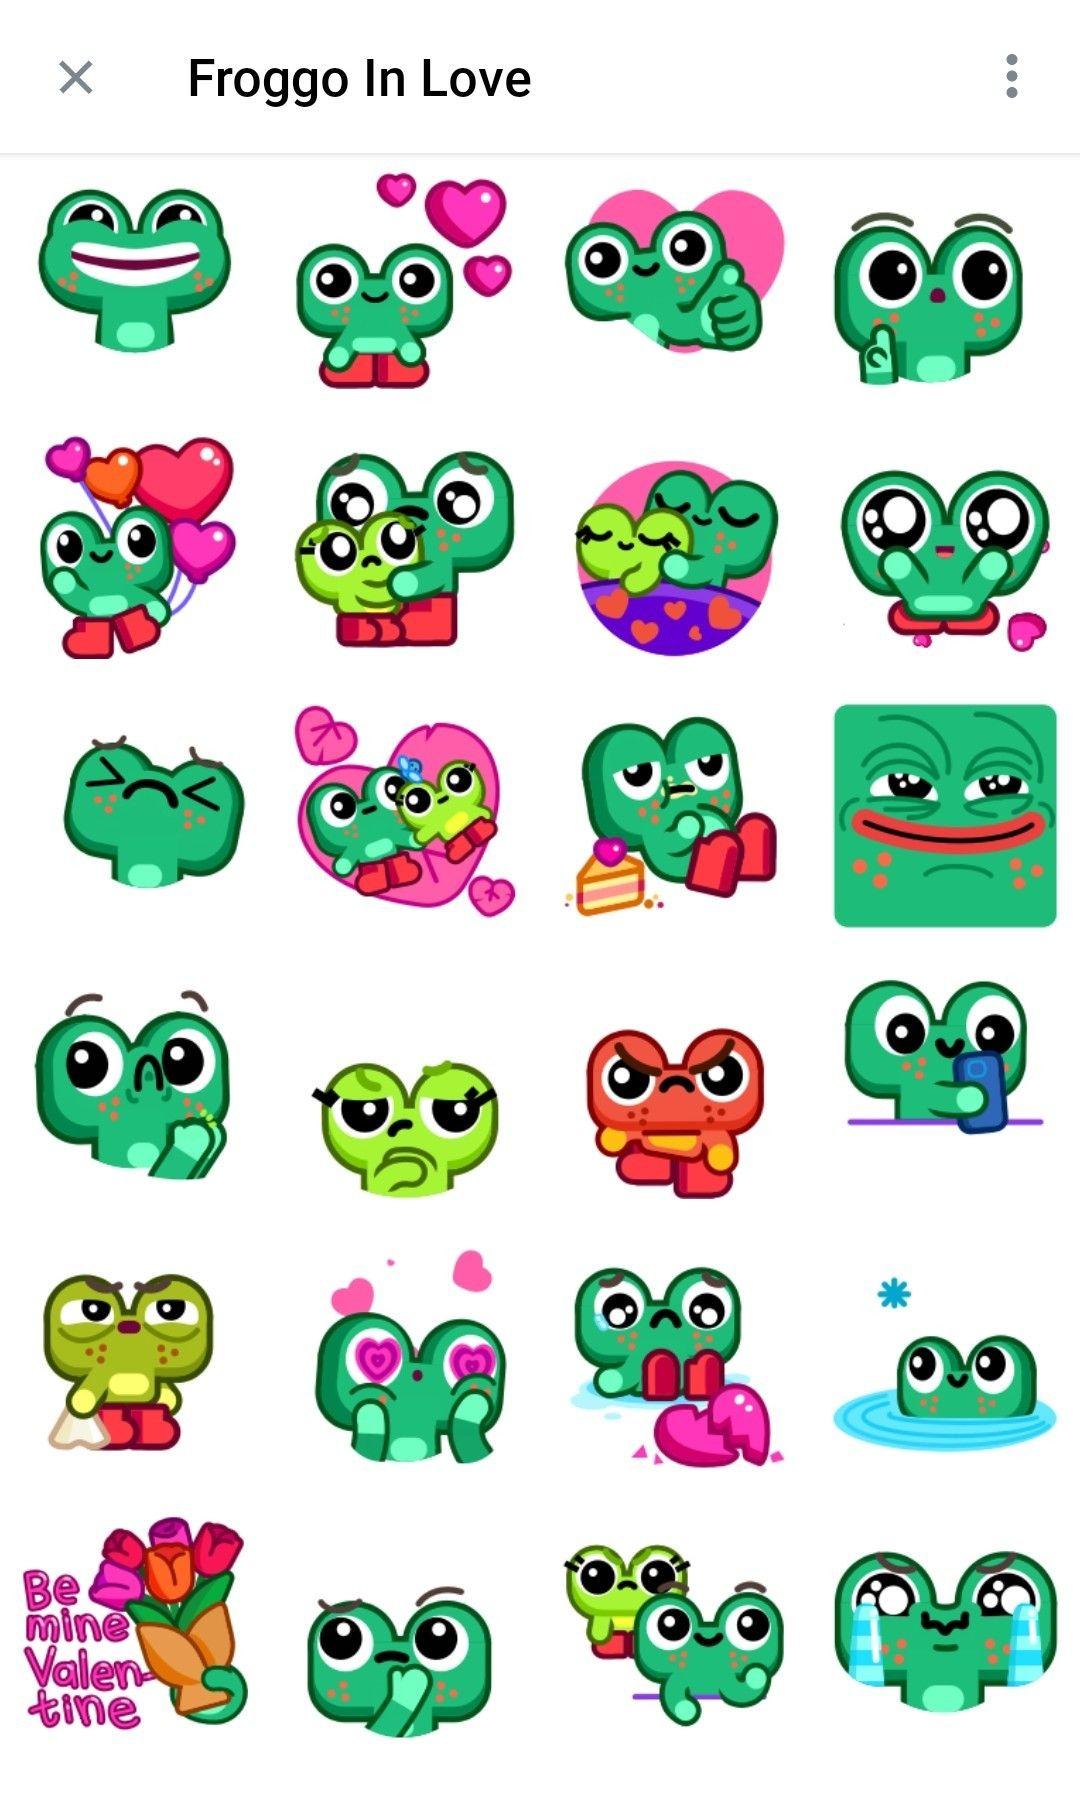 Frogoo In love Telegram Animated stickers in 2020